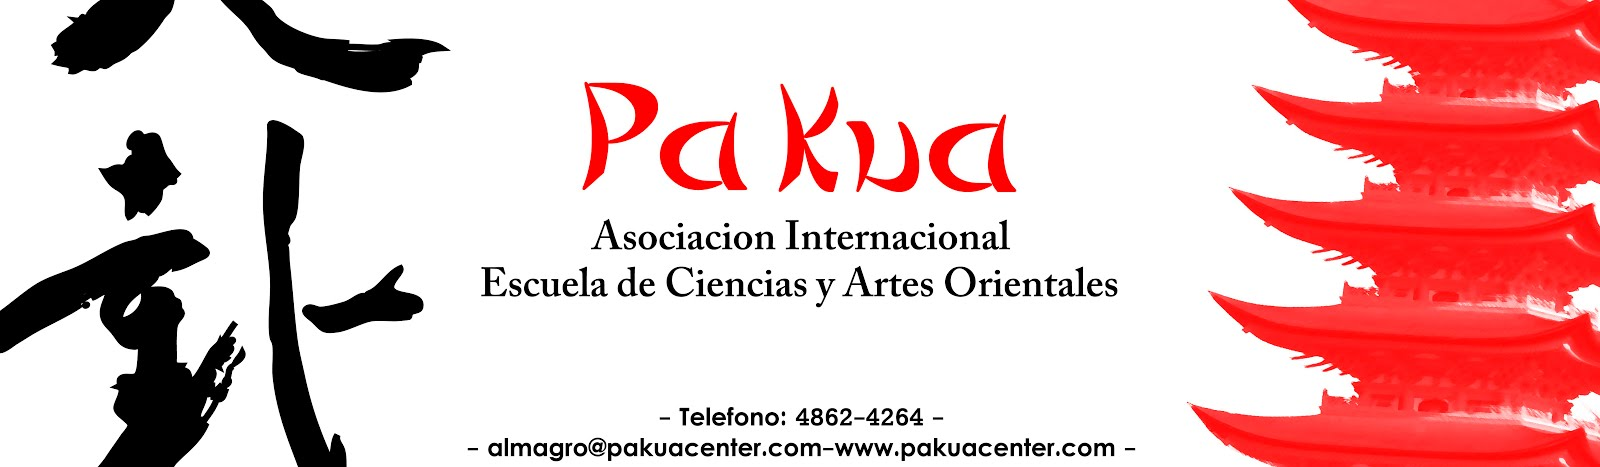 Escuela de Artes y Ciencias Orientales